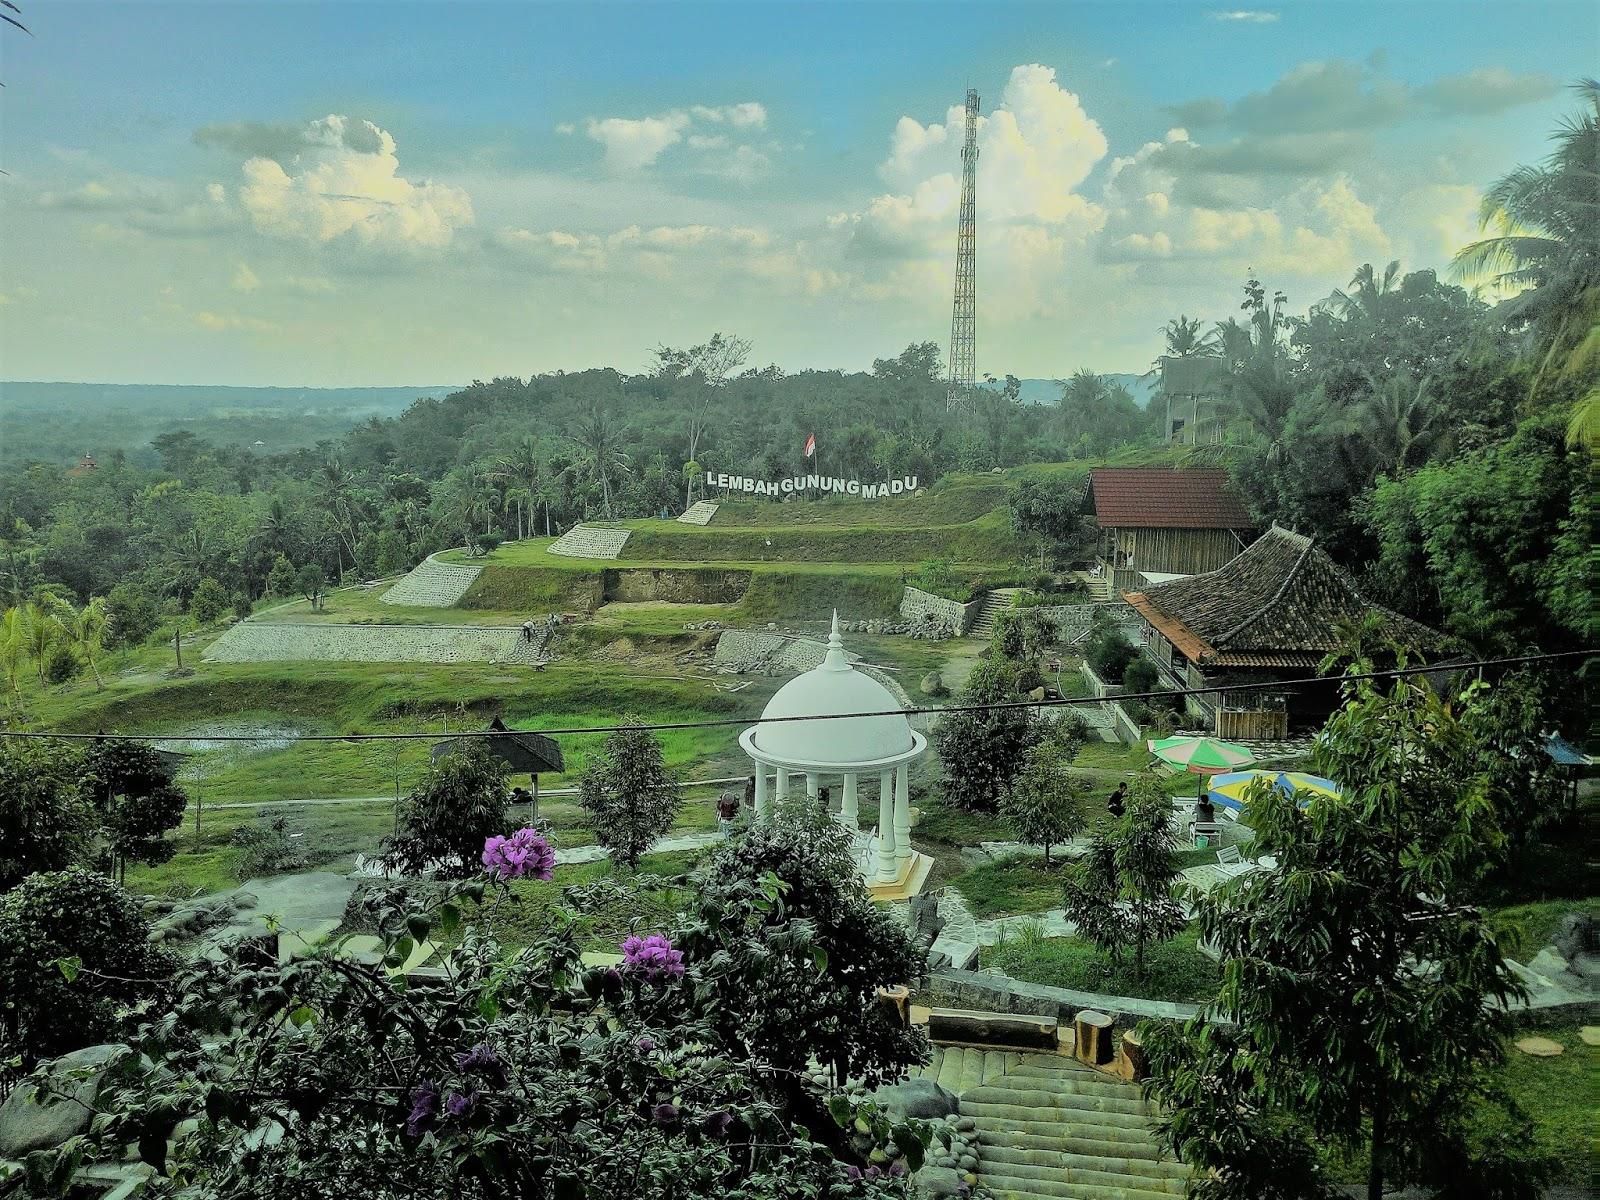 Lembah Gunung Madu Wisata Alam yang Tersembunyi di Boyolali Jawa